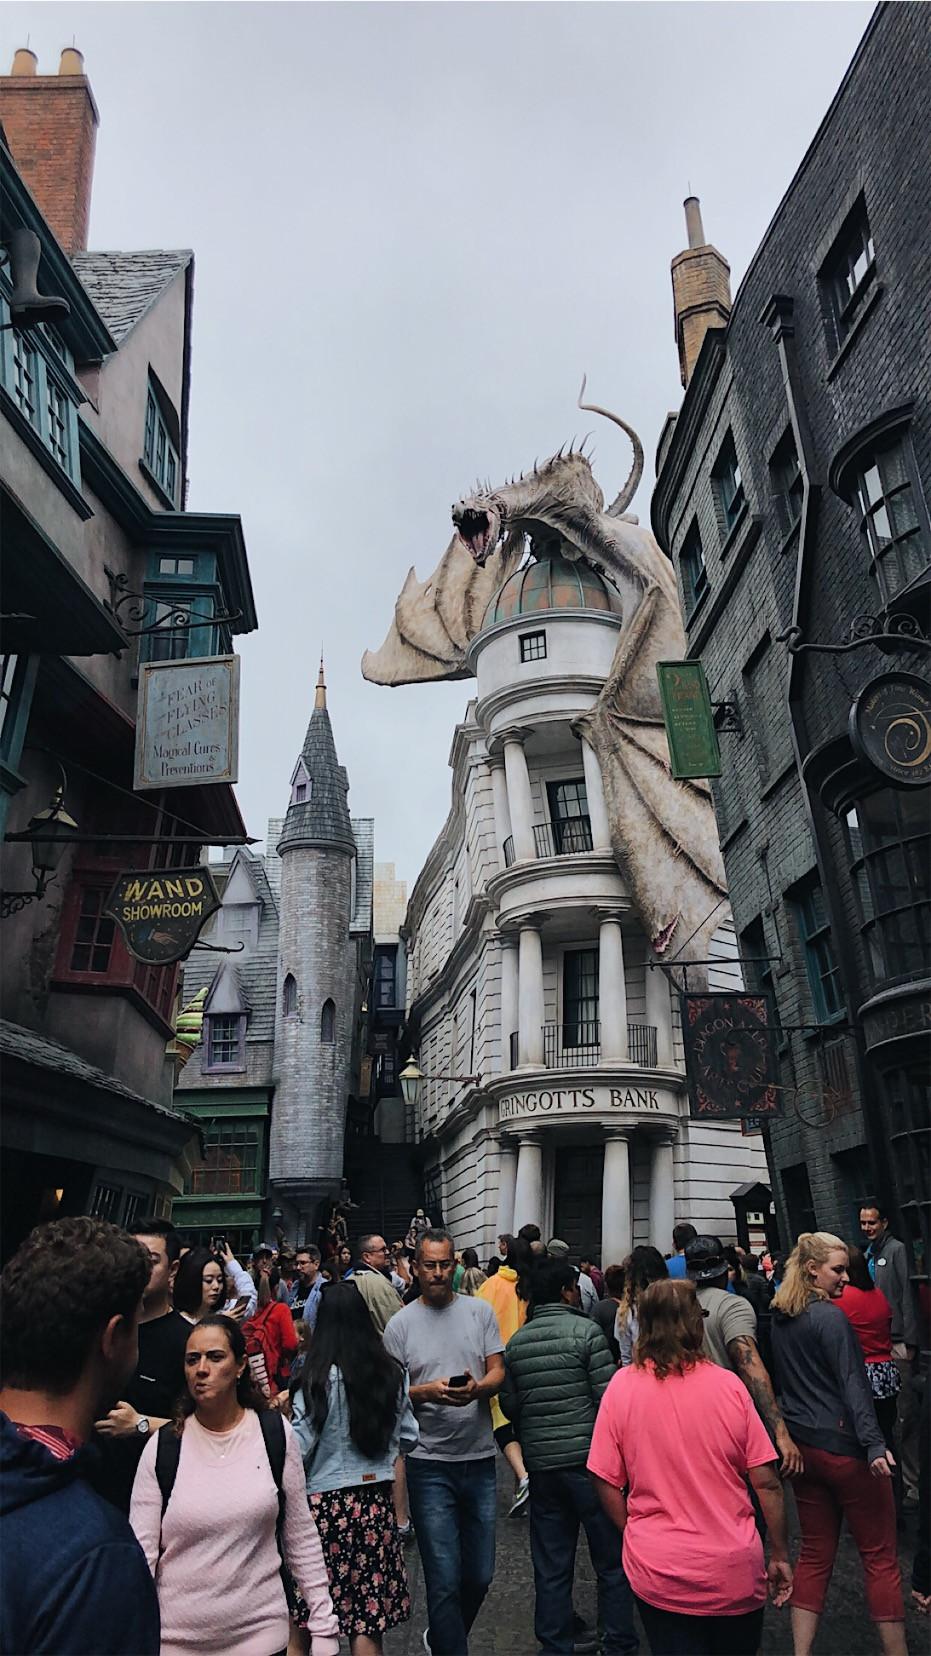 Harry Potter World, Gringot